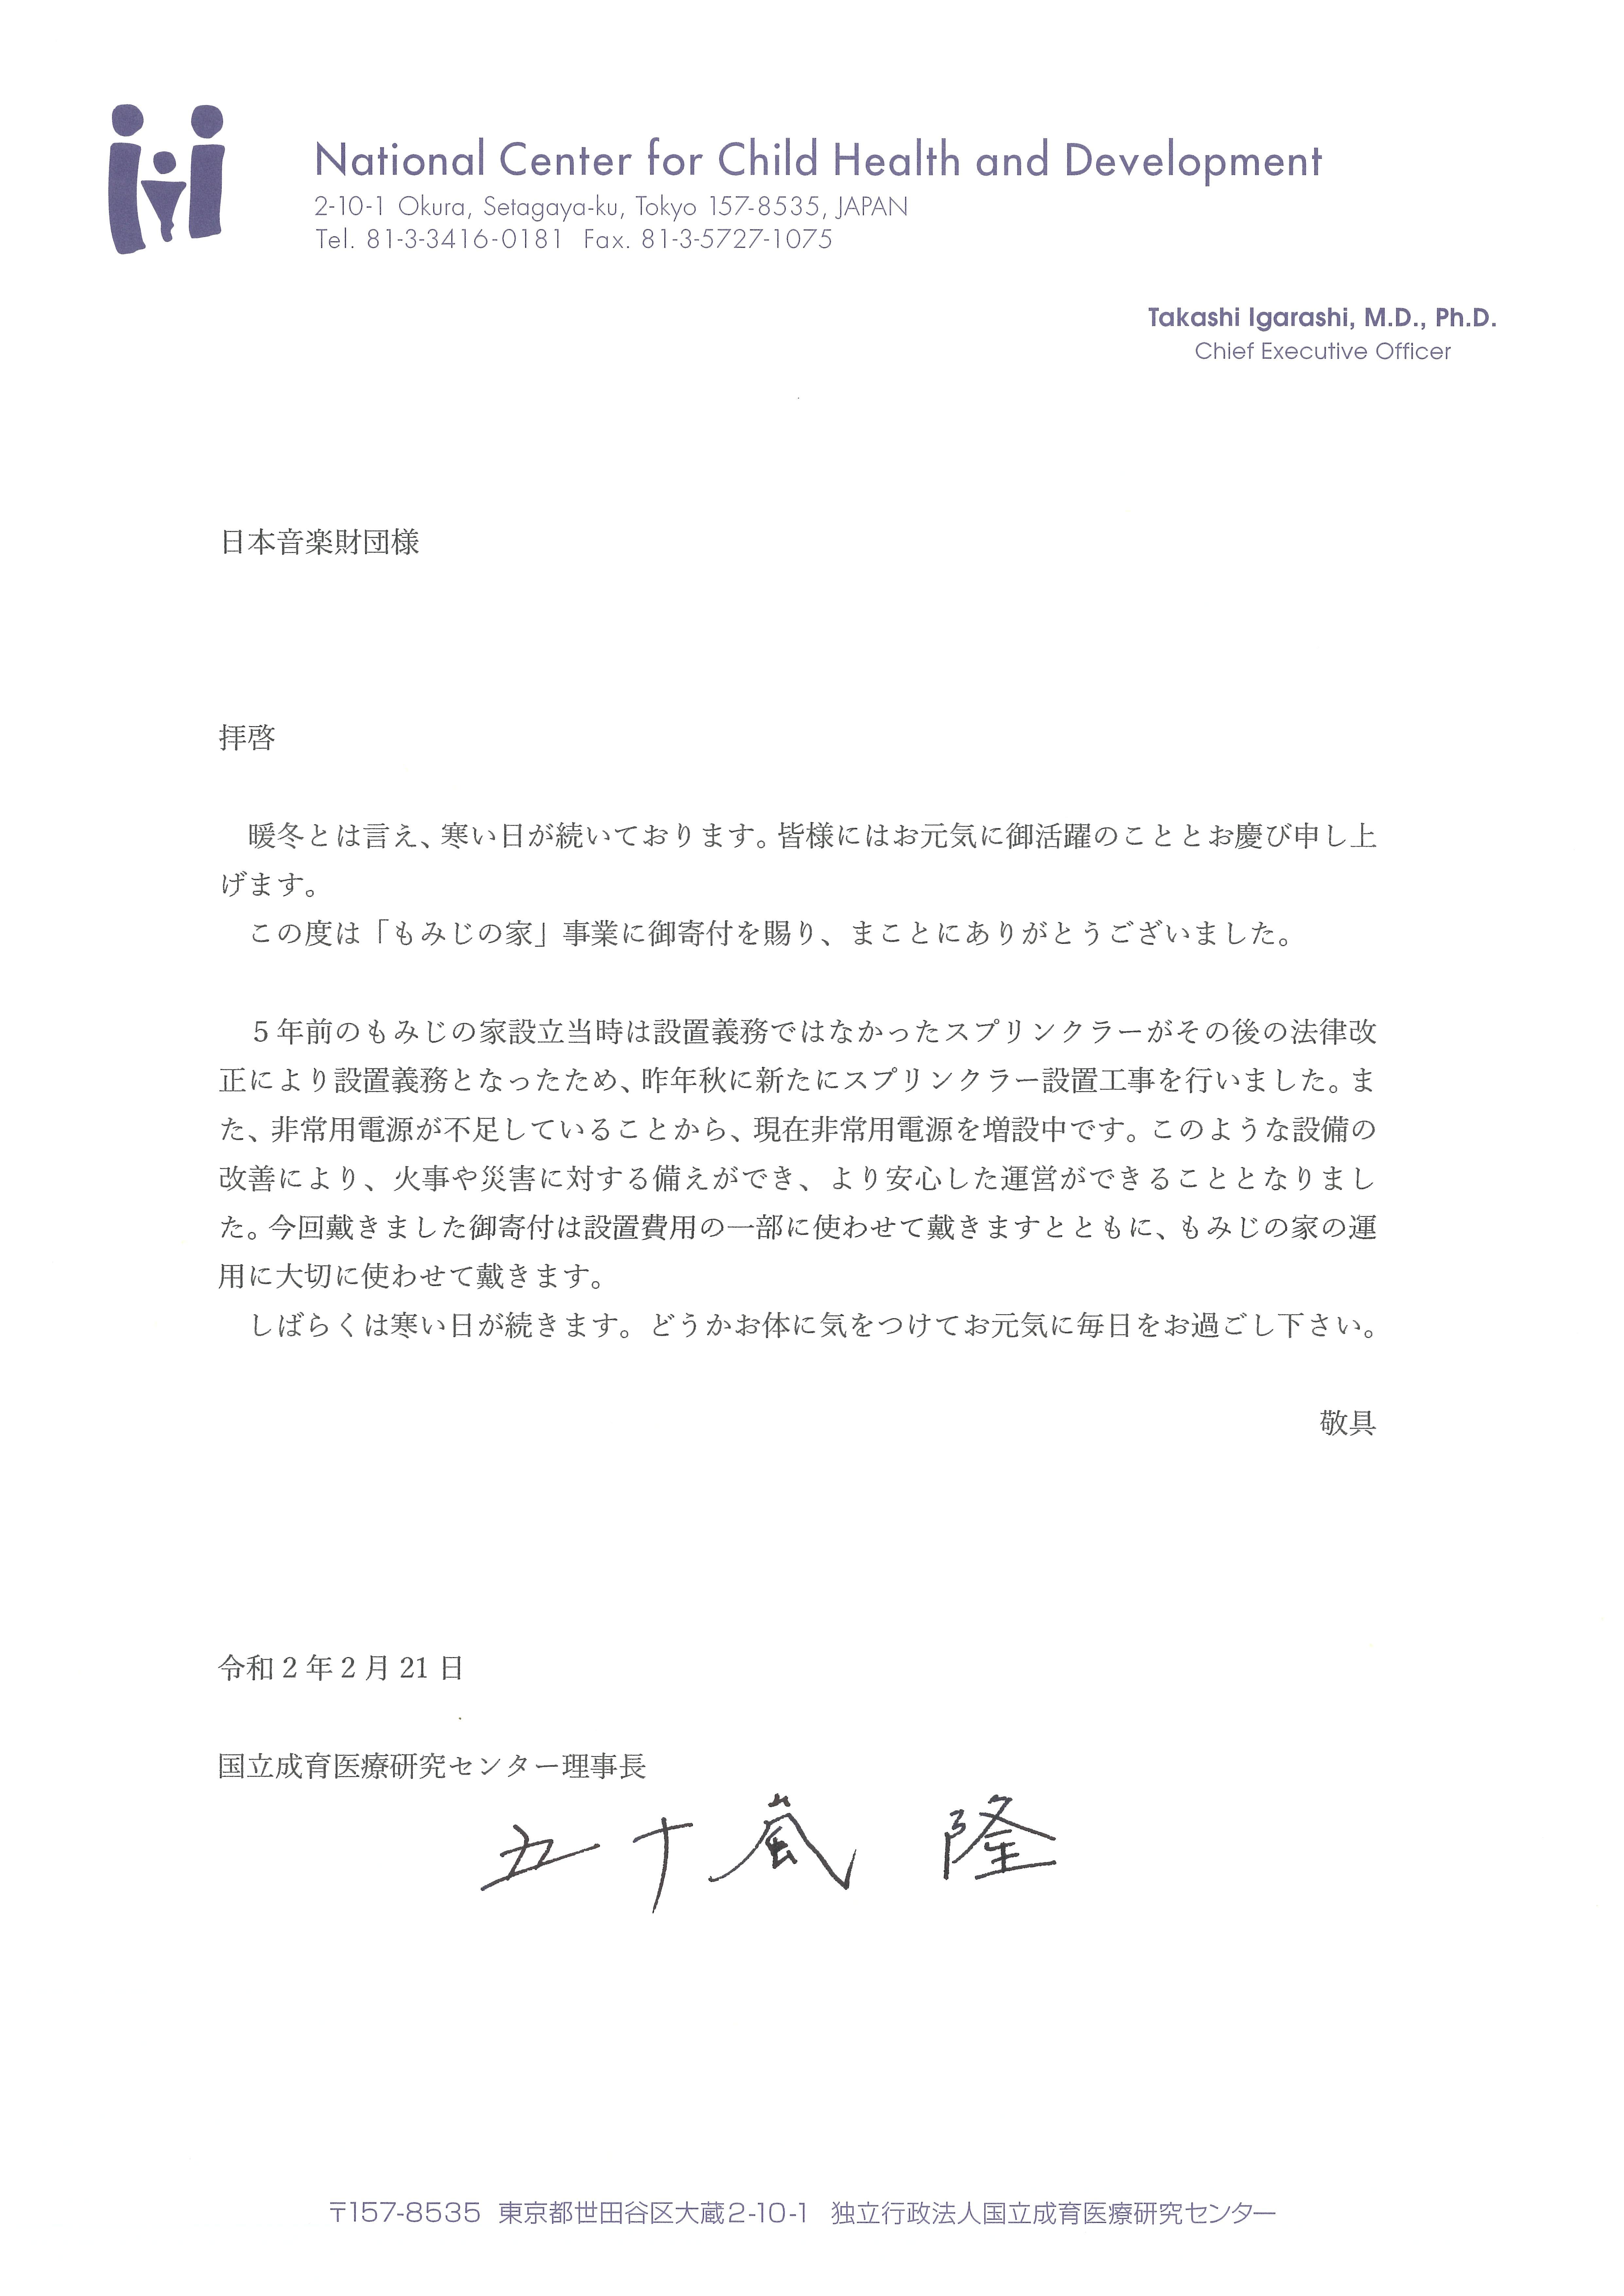 Momiji.letter.jpg